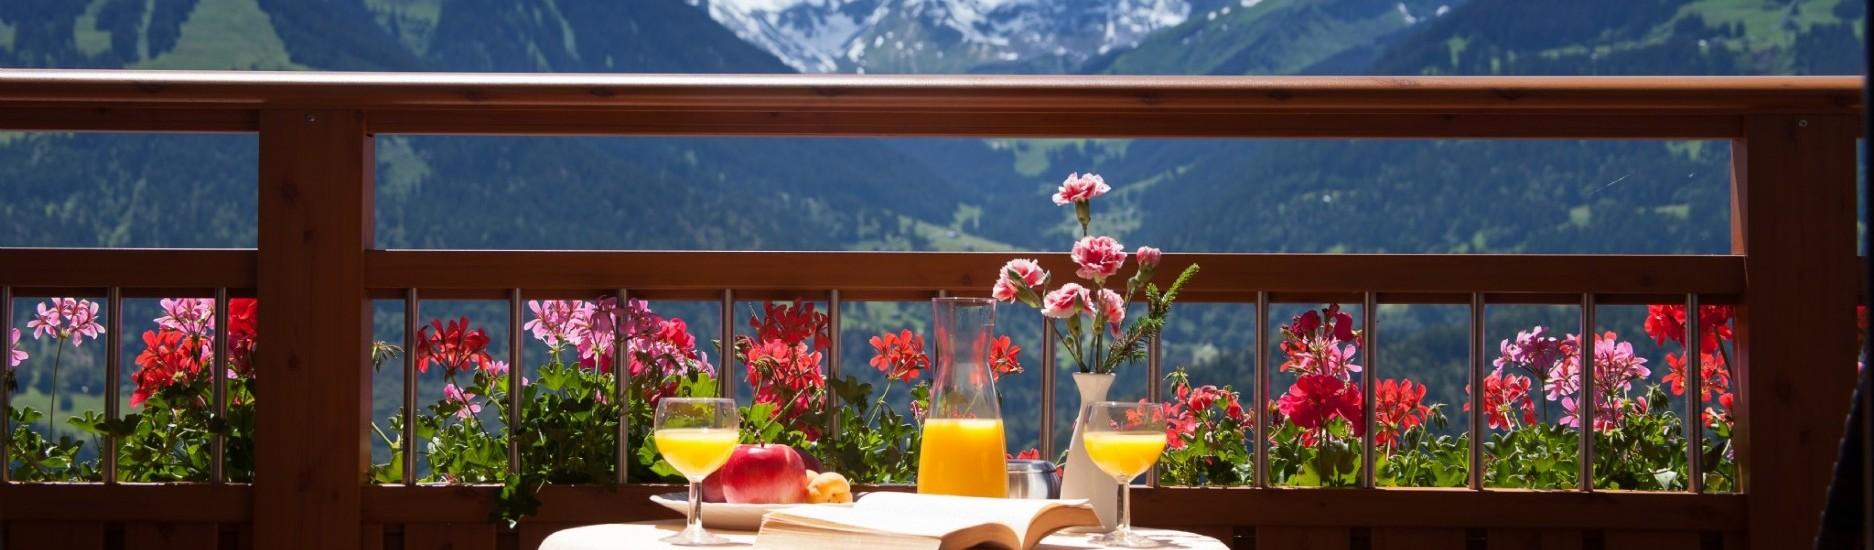 hotel-bergerhof-montafon-sommer-133-s